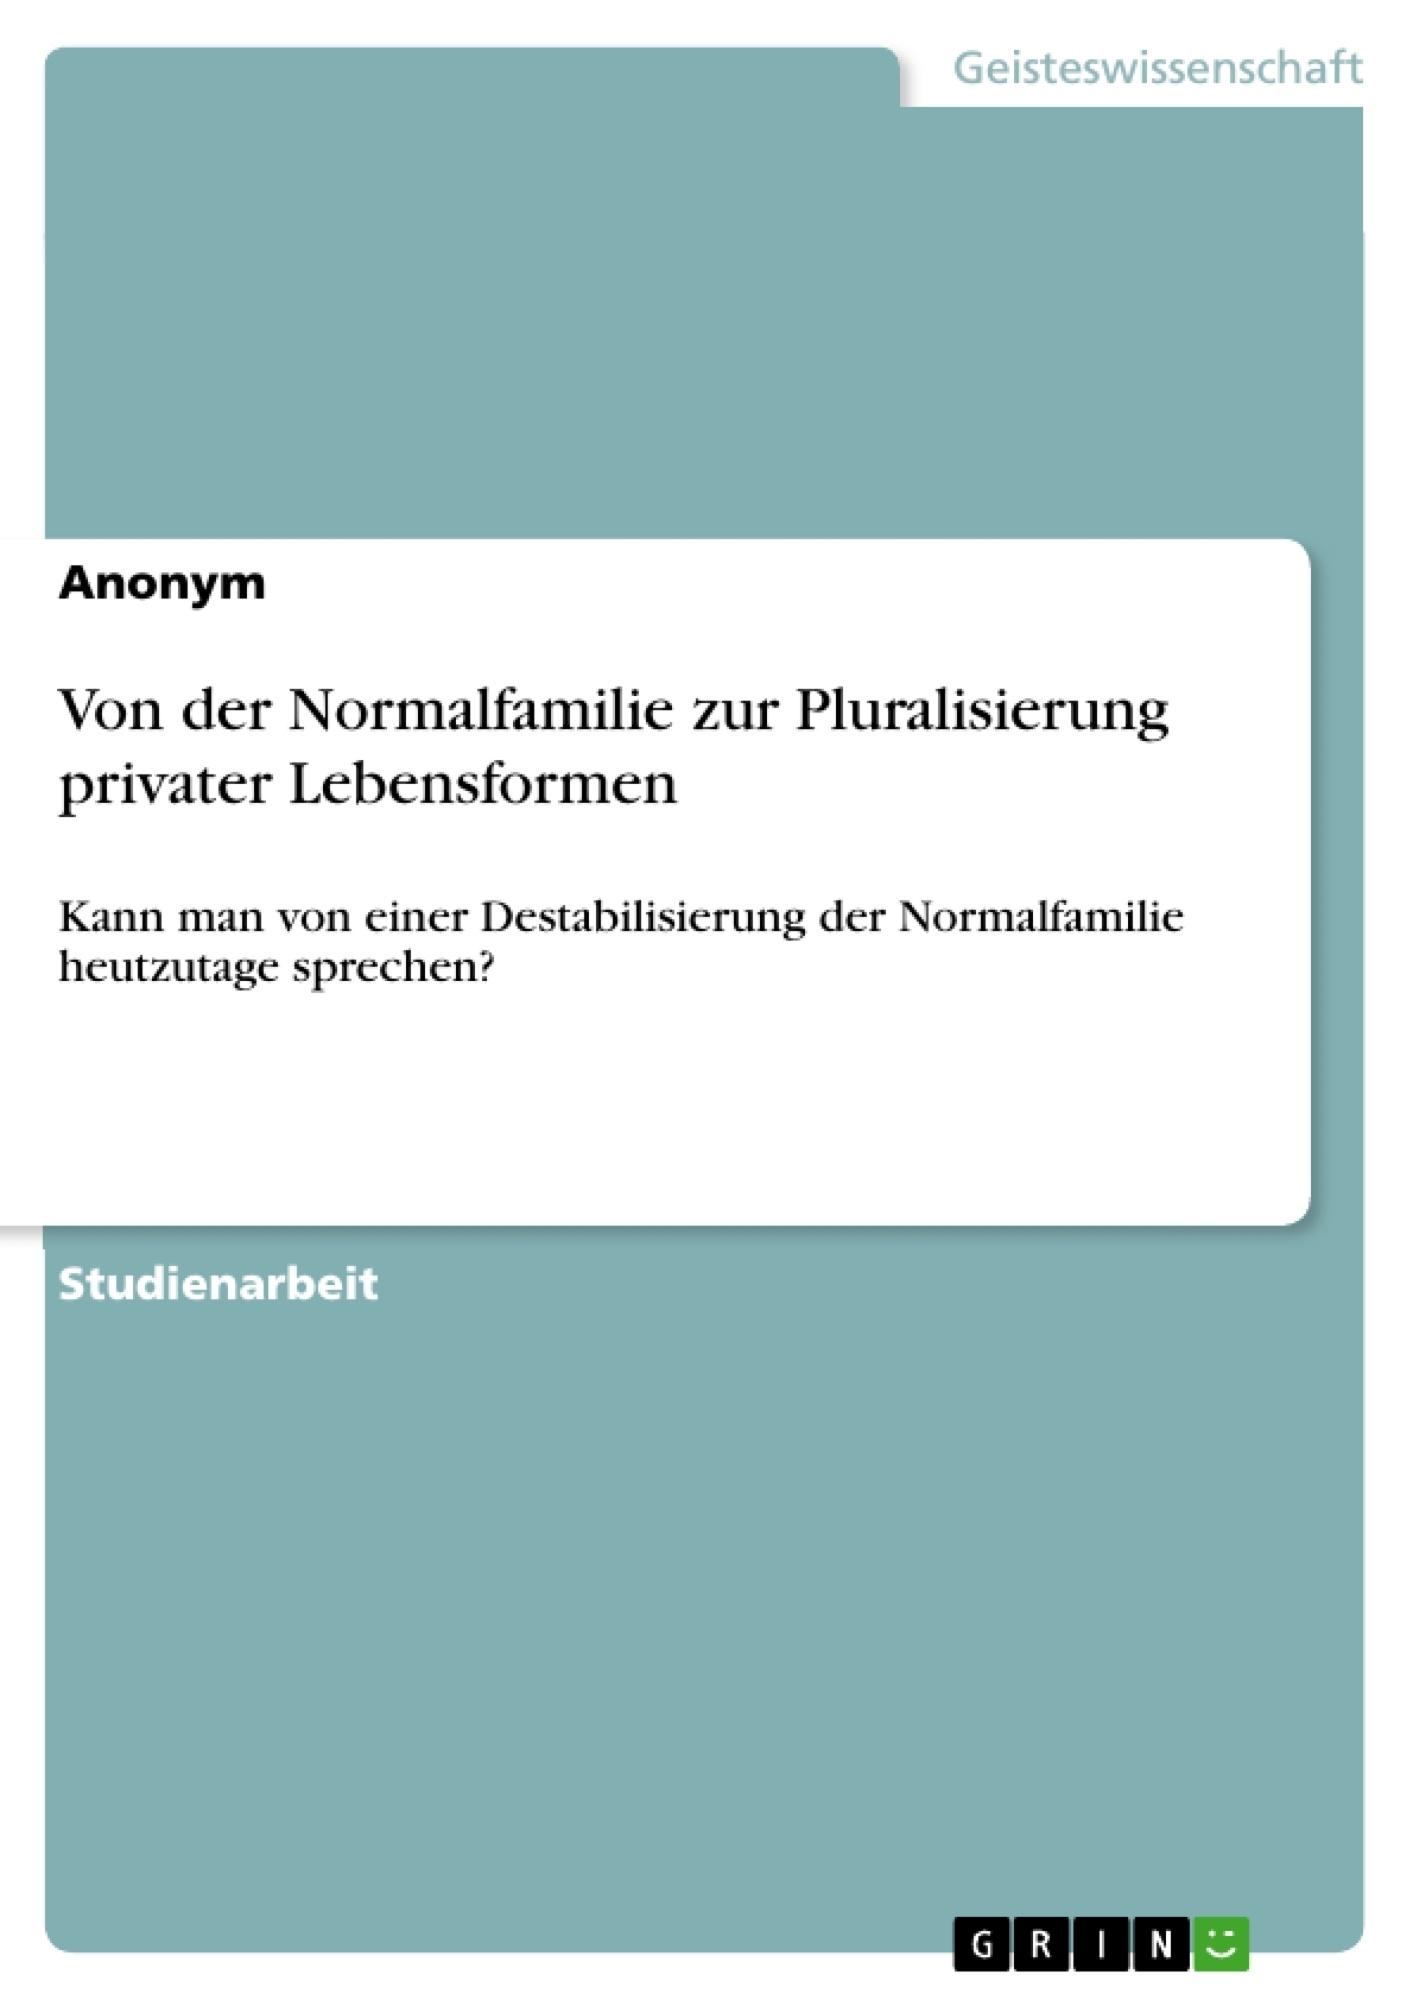 Titel: Von der Normalfamilie zur Pluralisierung privater Lebensformen